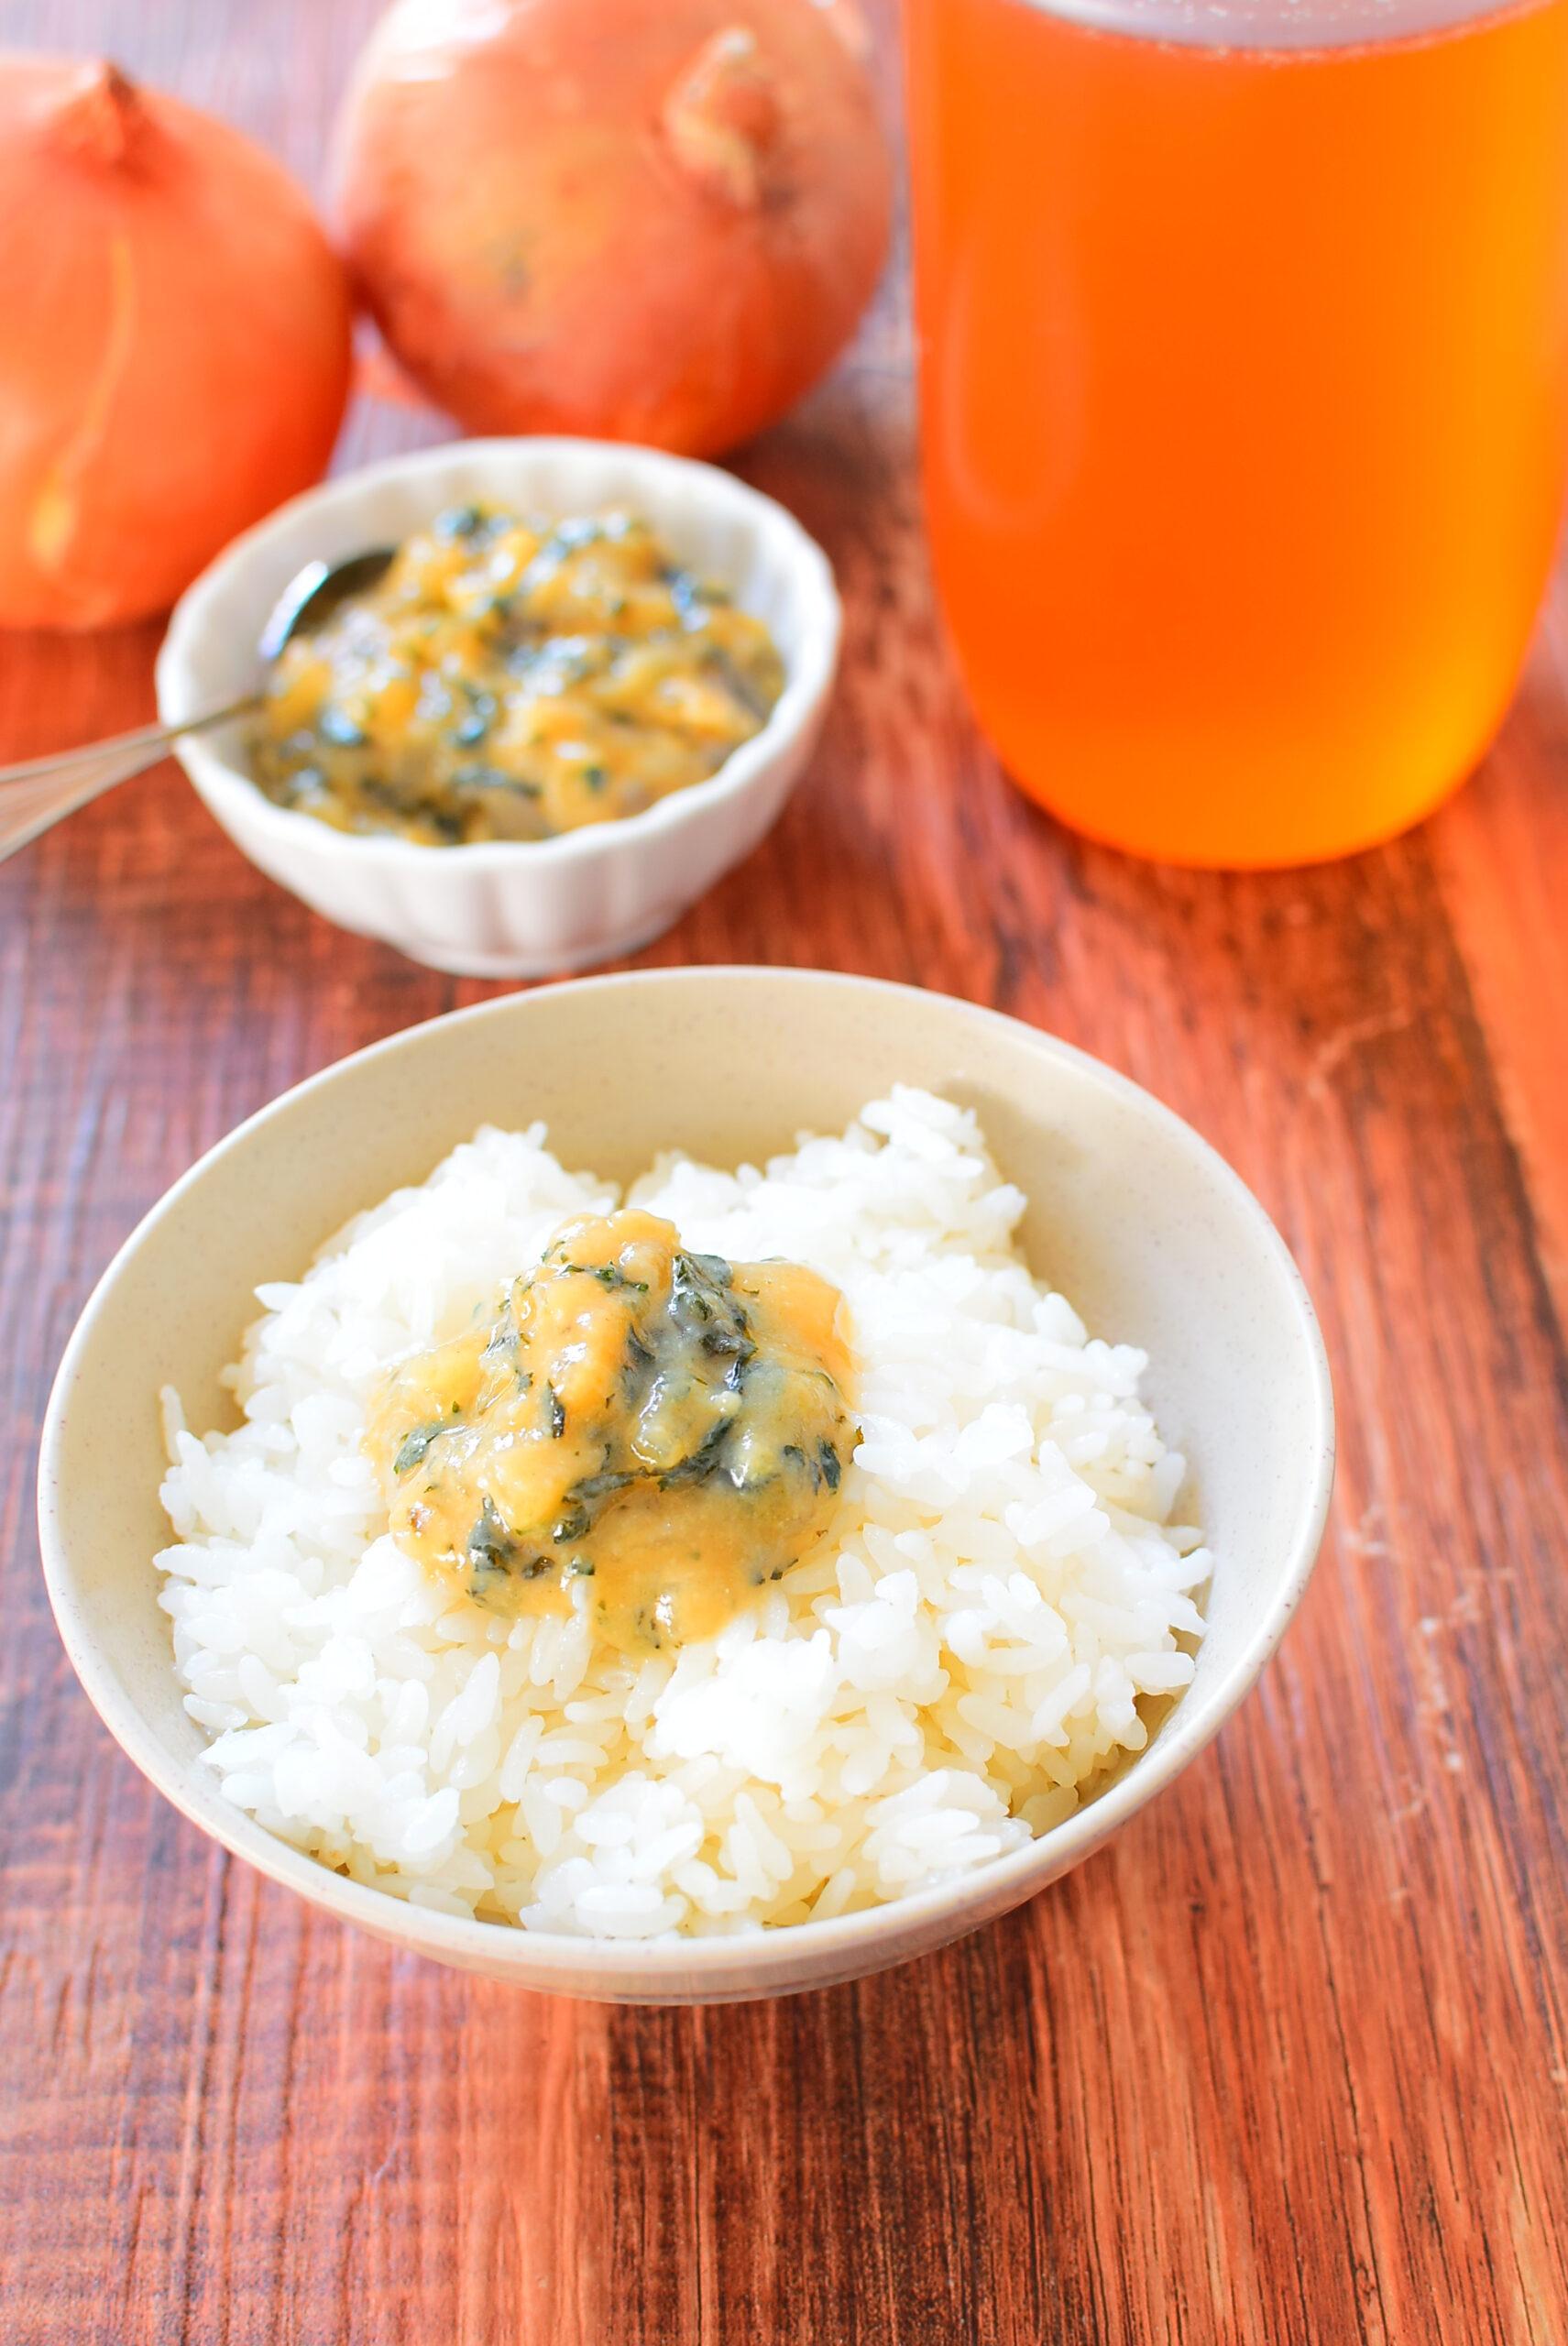 【ご飯と相性抜群】大葉ねぎ味噌のレシピの写真